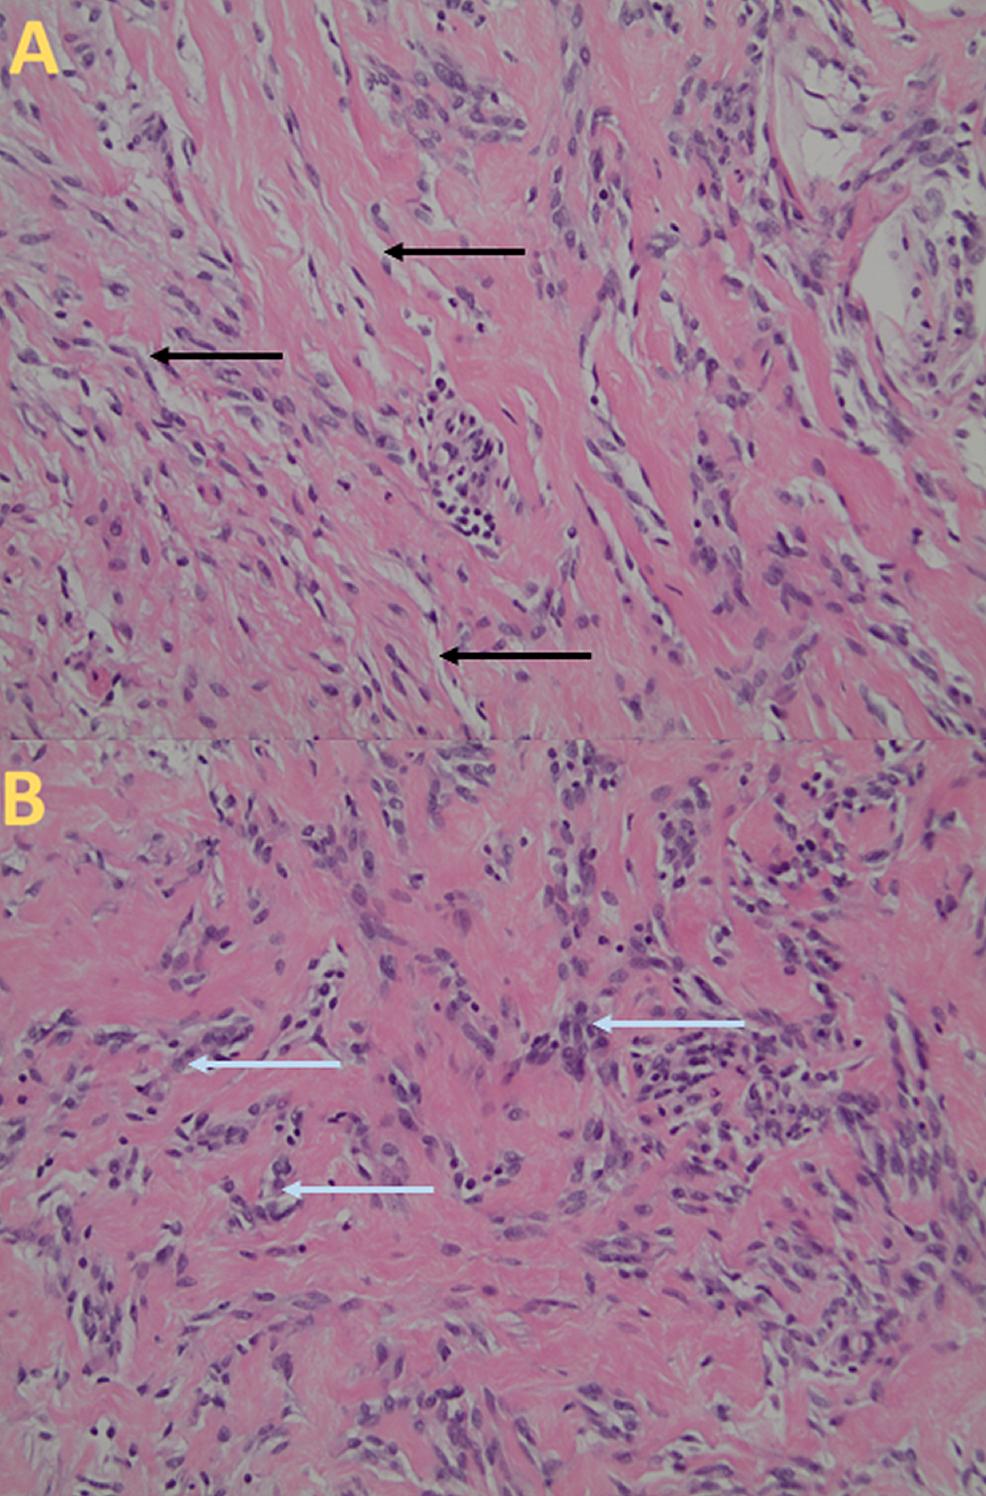 Histologic-Appearance-of-Pseudoangiomatous-Stromal-Hyperplasia